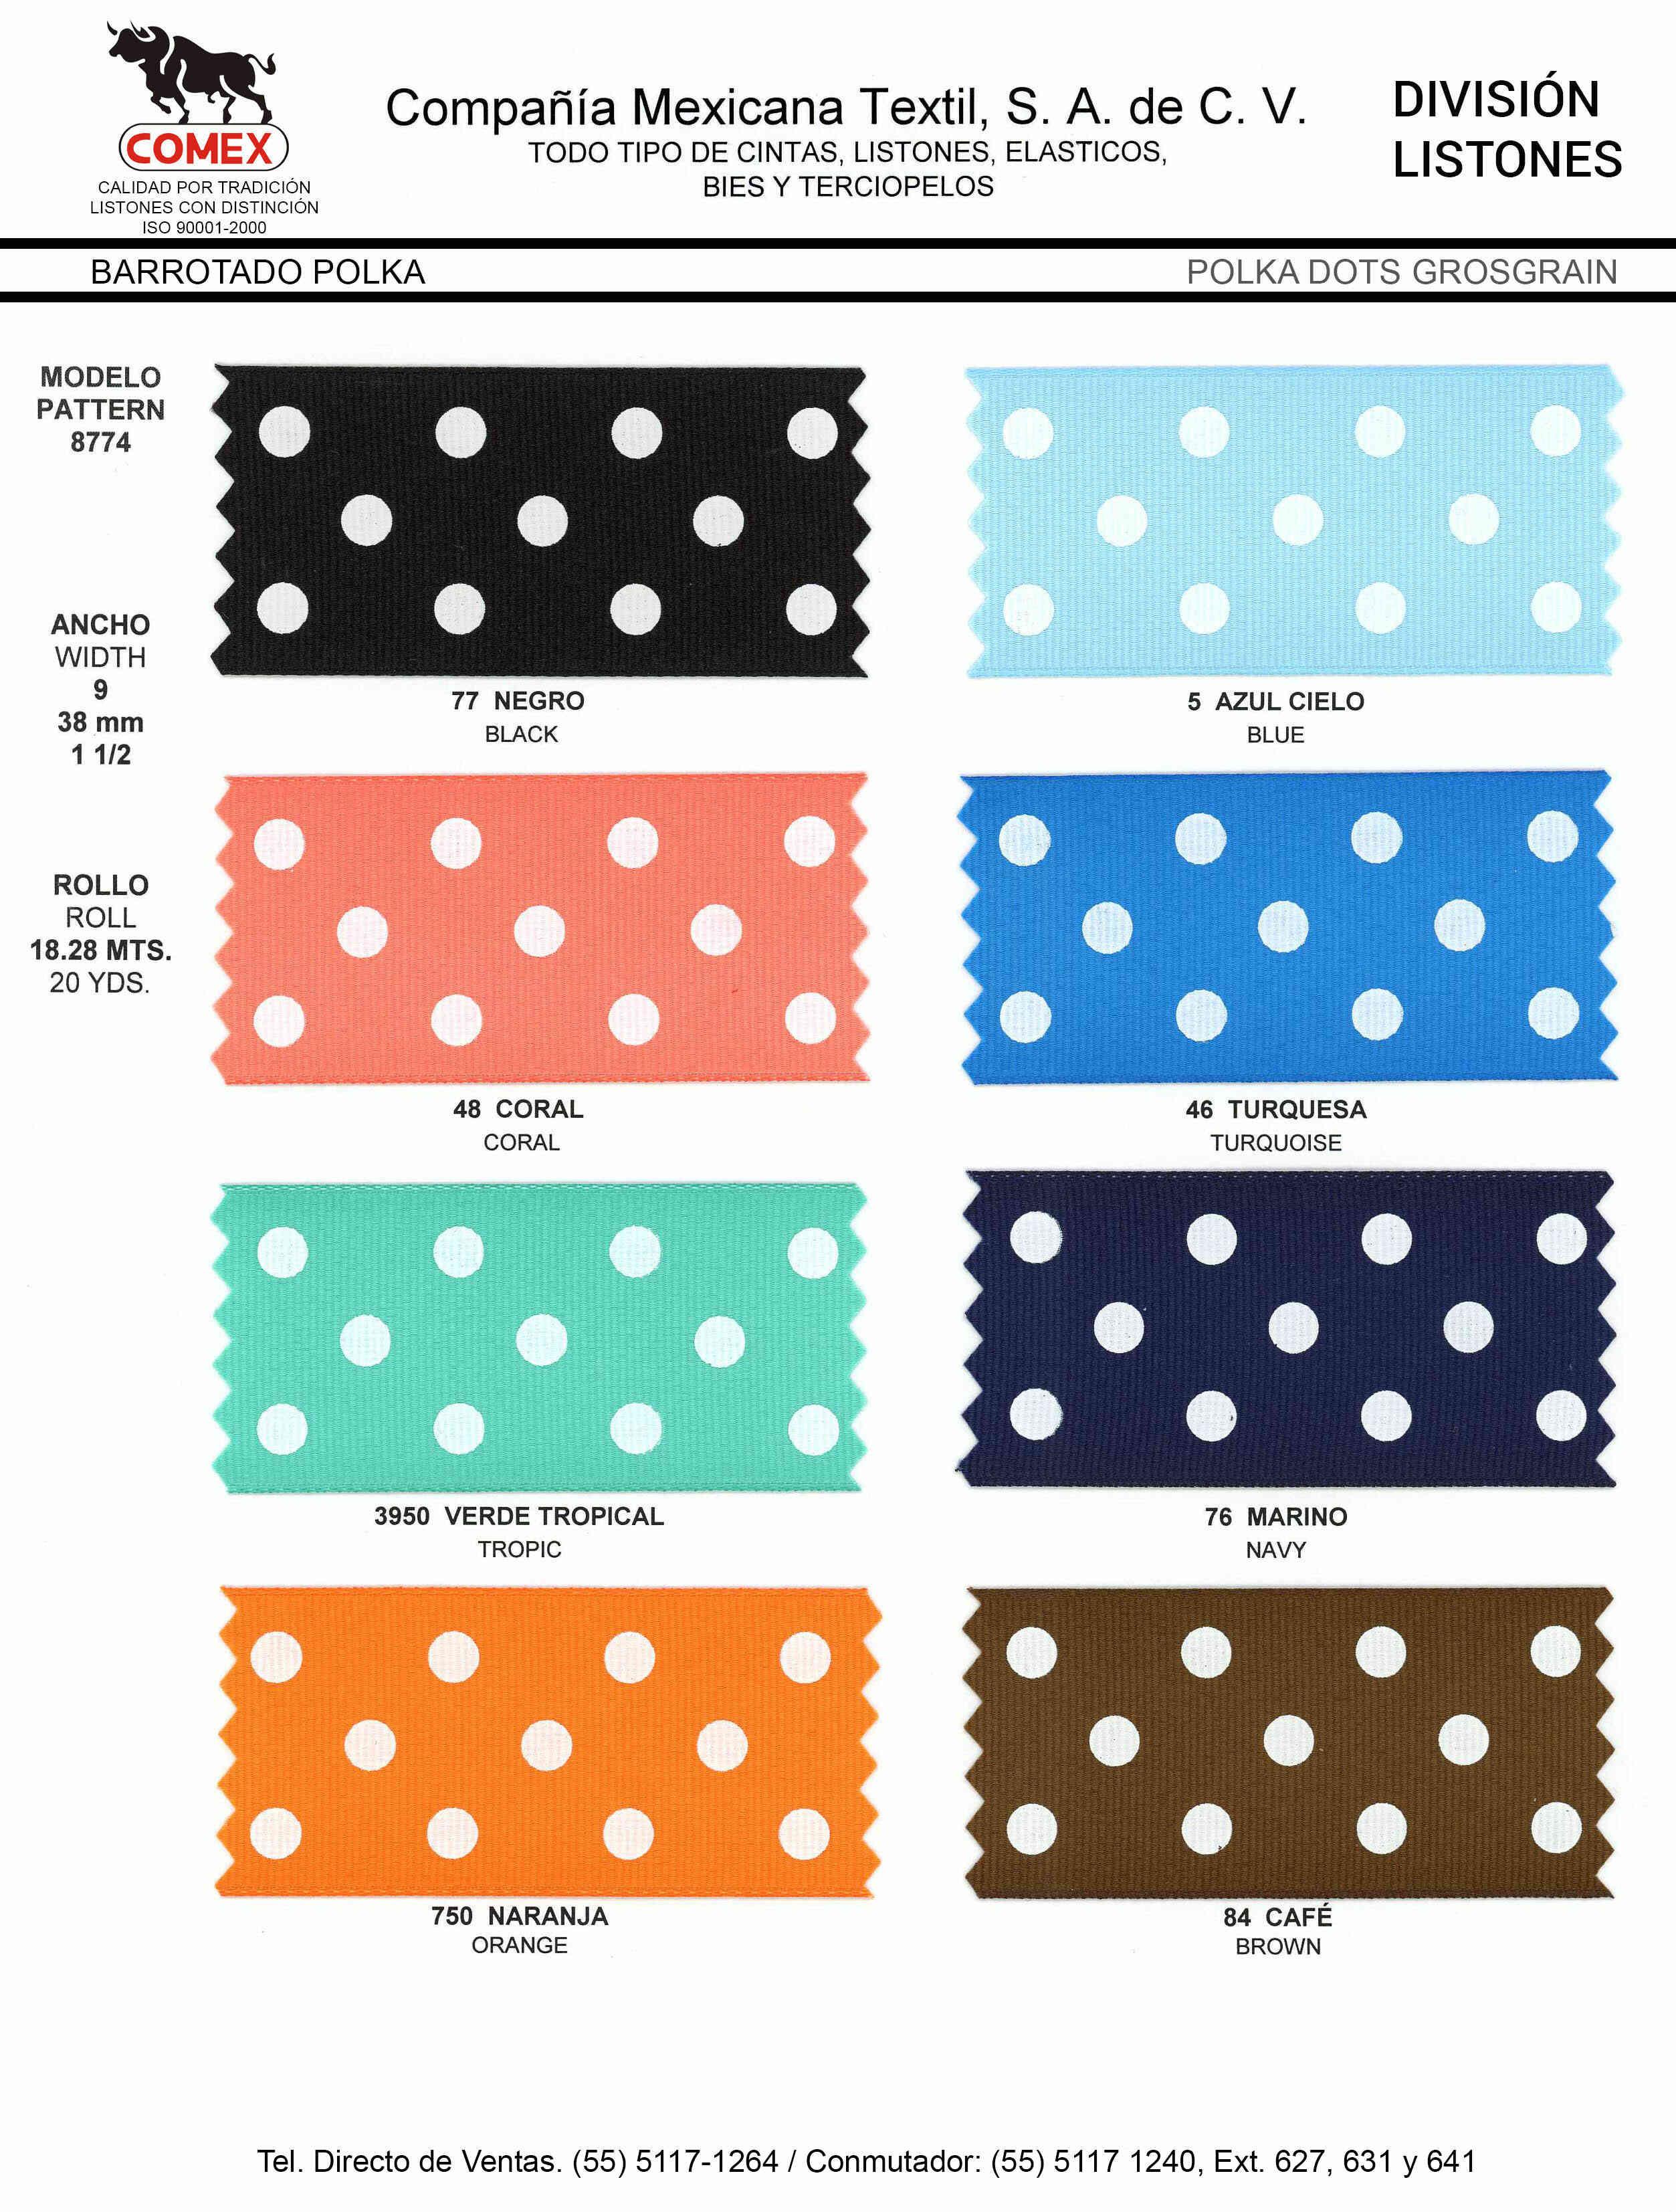 Anchos y Colores de Liston Mod.8774 18.28 Mt.